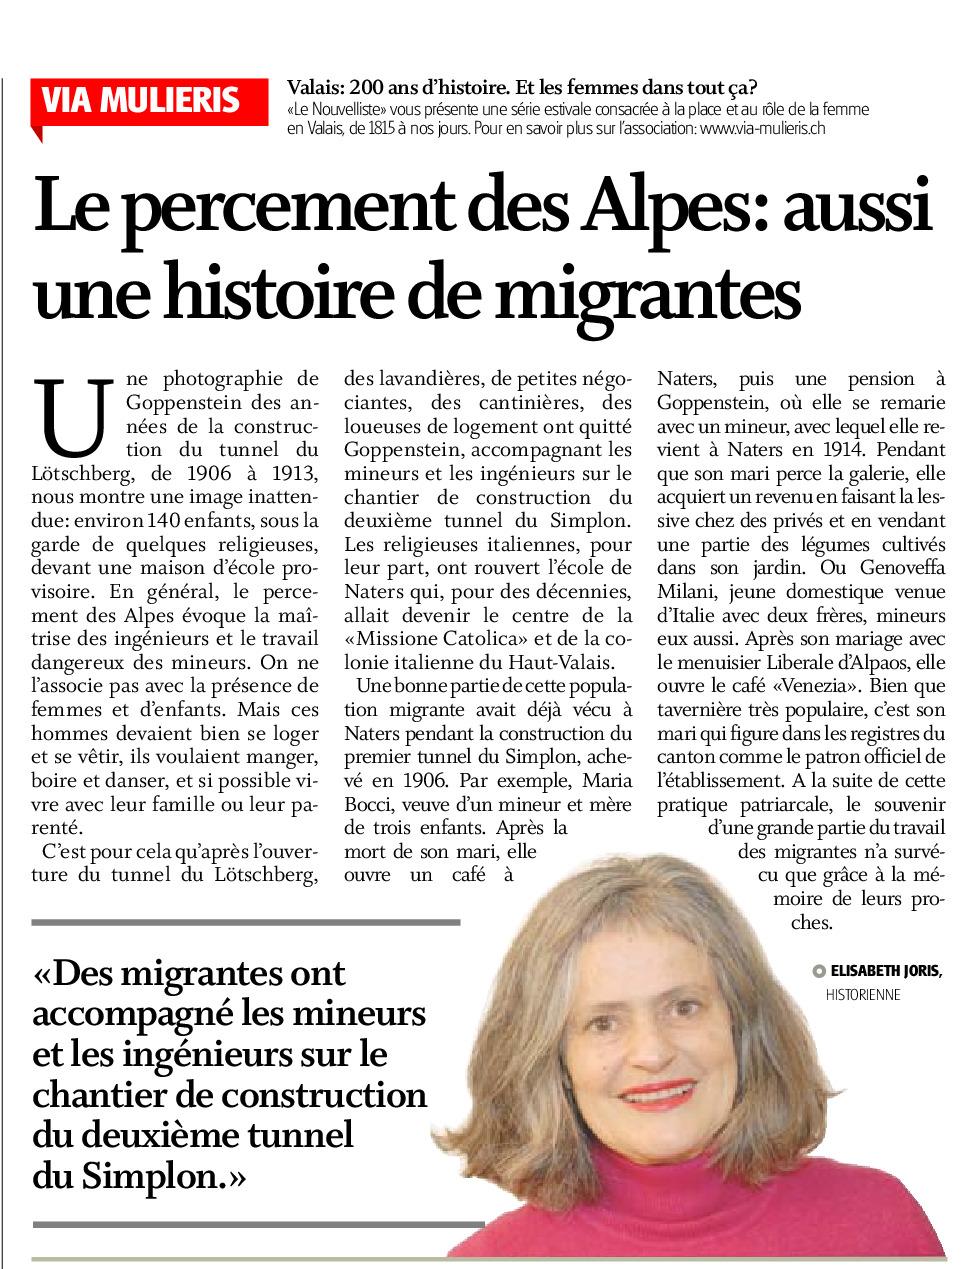 Le percement des Alpes : aussi une histoire de migrantes